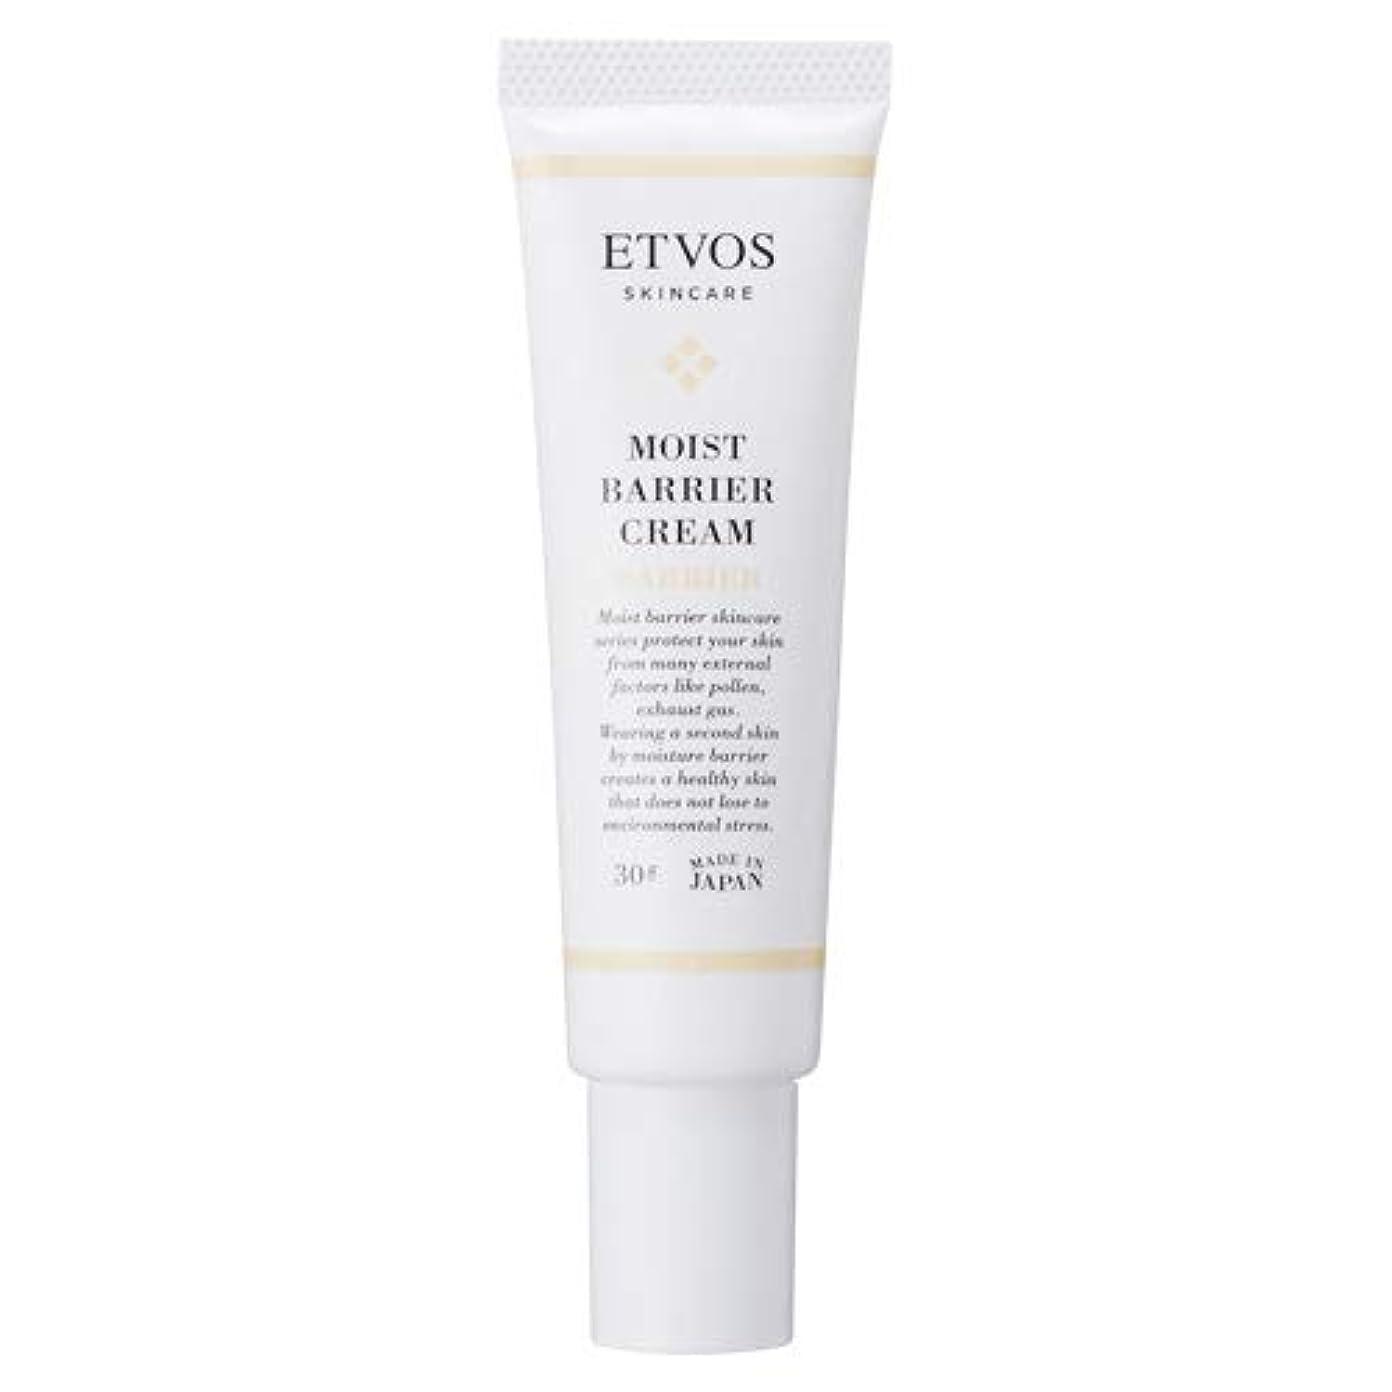 葉ソフィーエキゾチックETVOS(エトヴォス) 皮膚保護クリーム モイストバリアクリーム 30g 肌荒れ/敏感肌 花粉/PM2.5/ハウスダスト